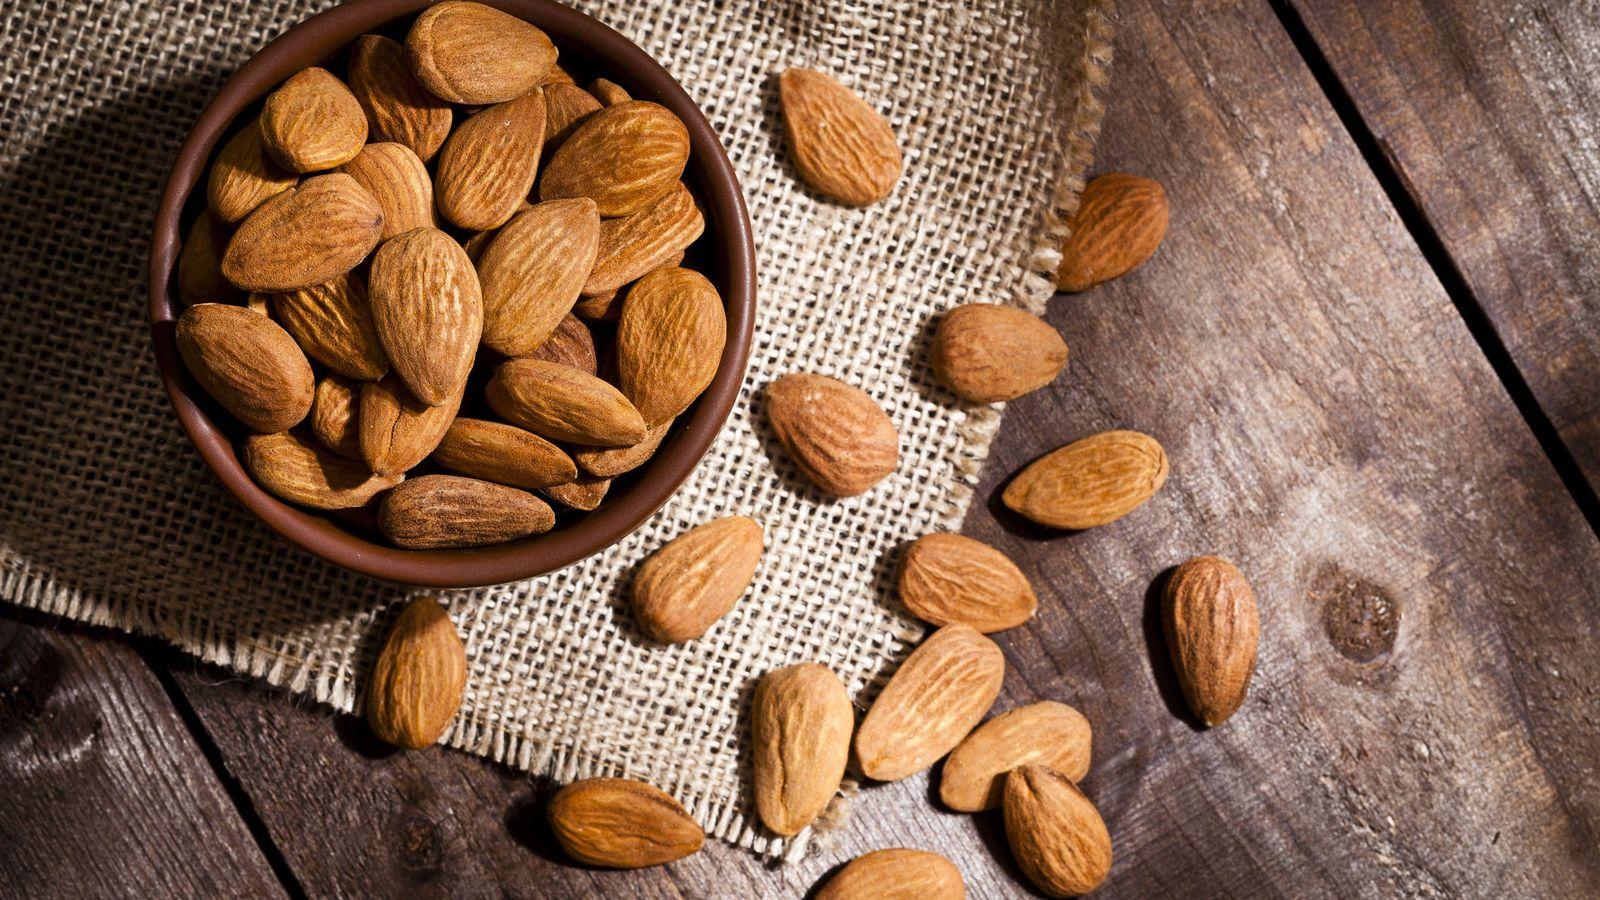 almendras-propiedades-antioxidantes-y-herramienta-contra-el-colesterol